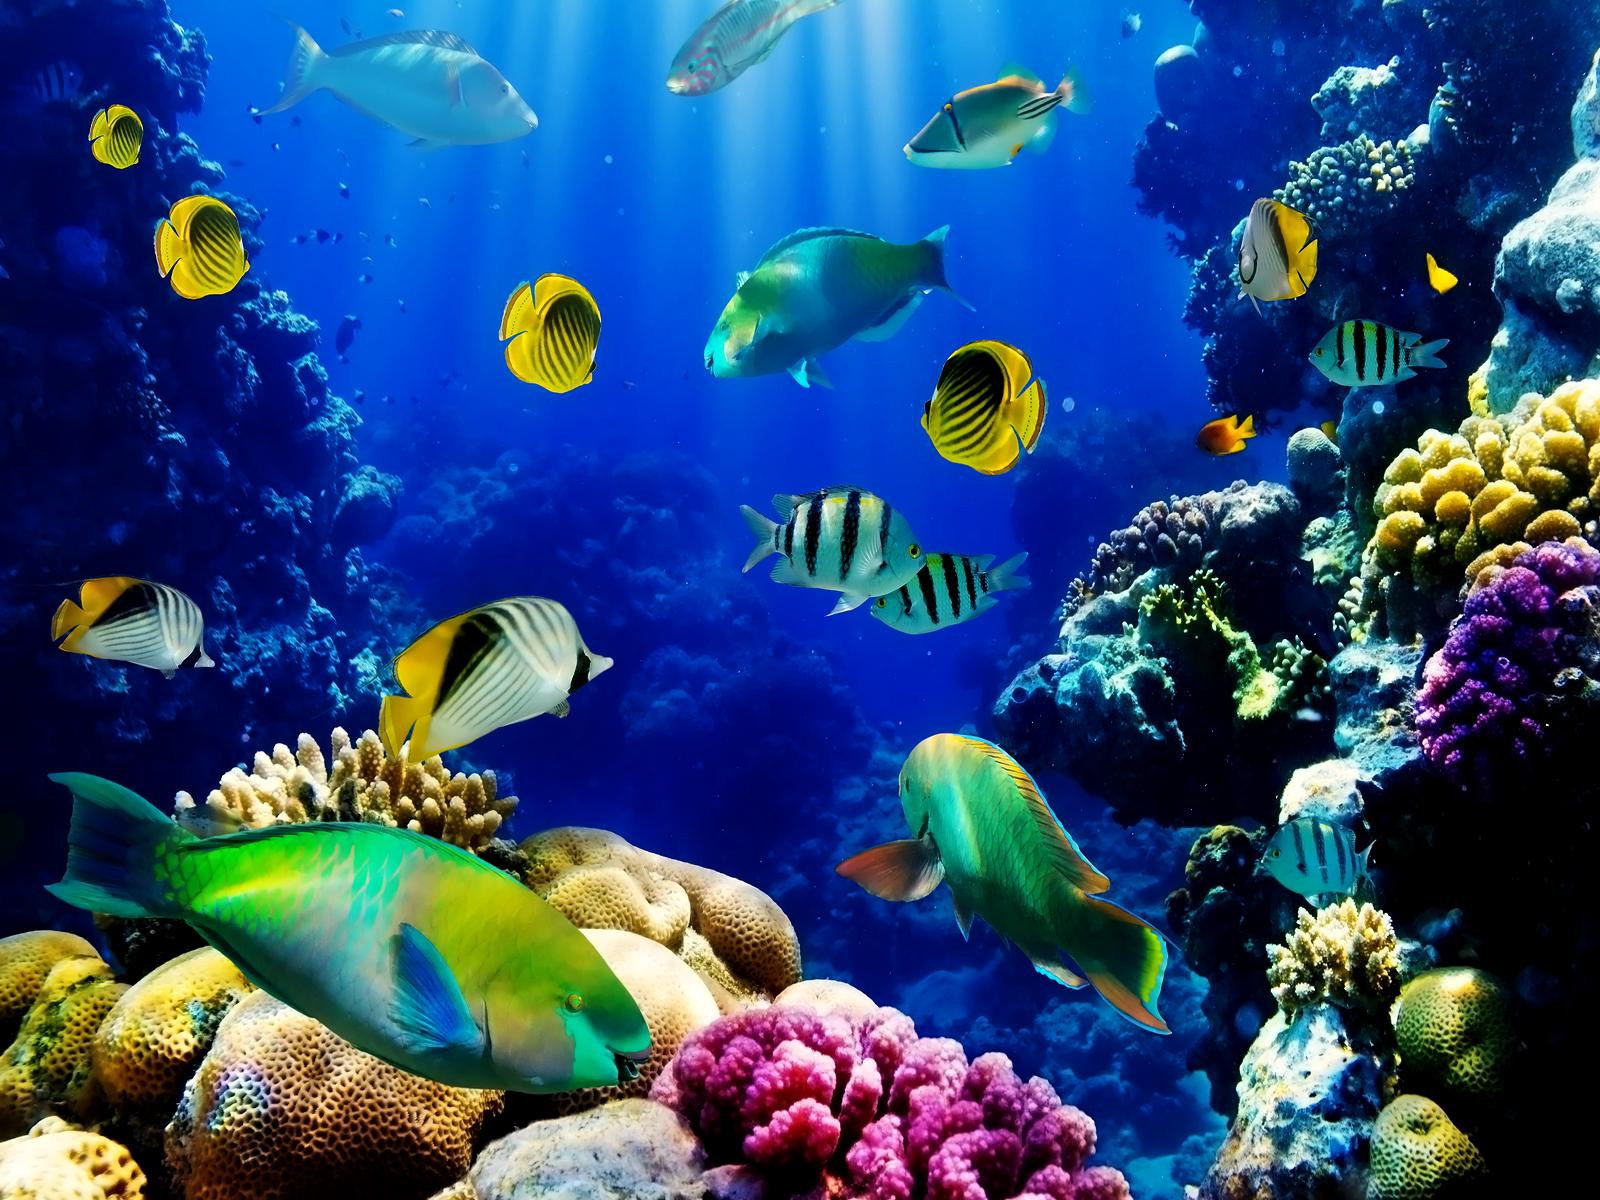 3d Live Fish Wallpaper Fish Tank Live Wallpaper 1600x1200